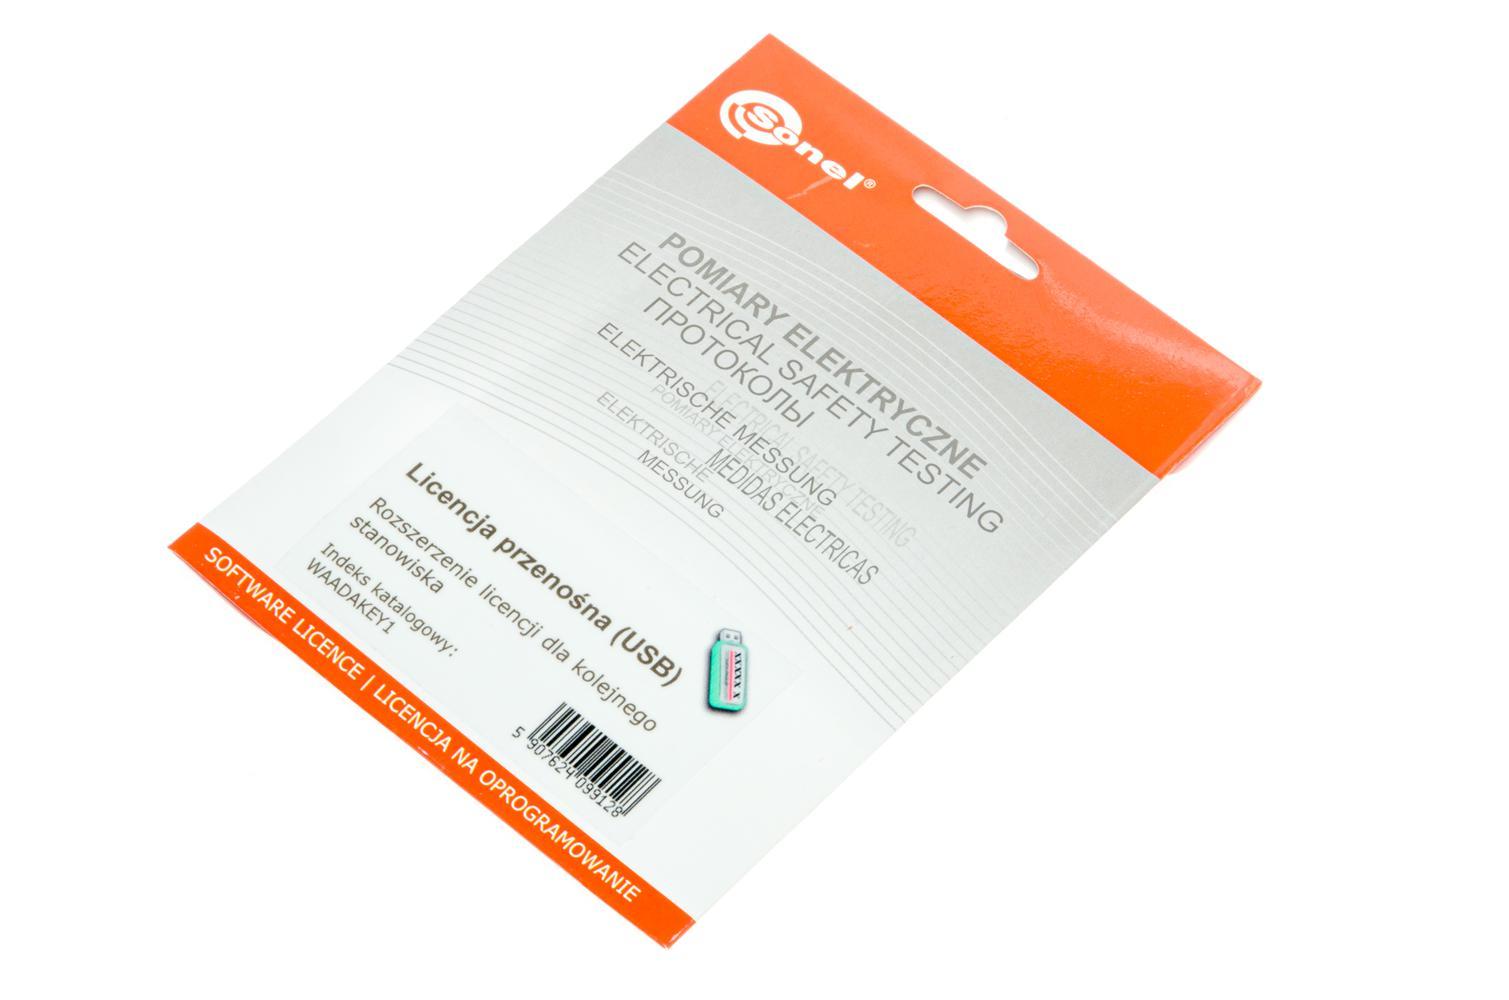 Adapter USB Adapter USB - rozszerzenie licencji dla kolejnego stanowiska